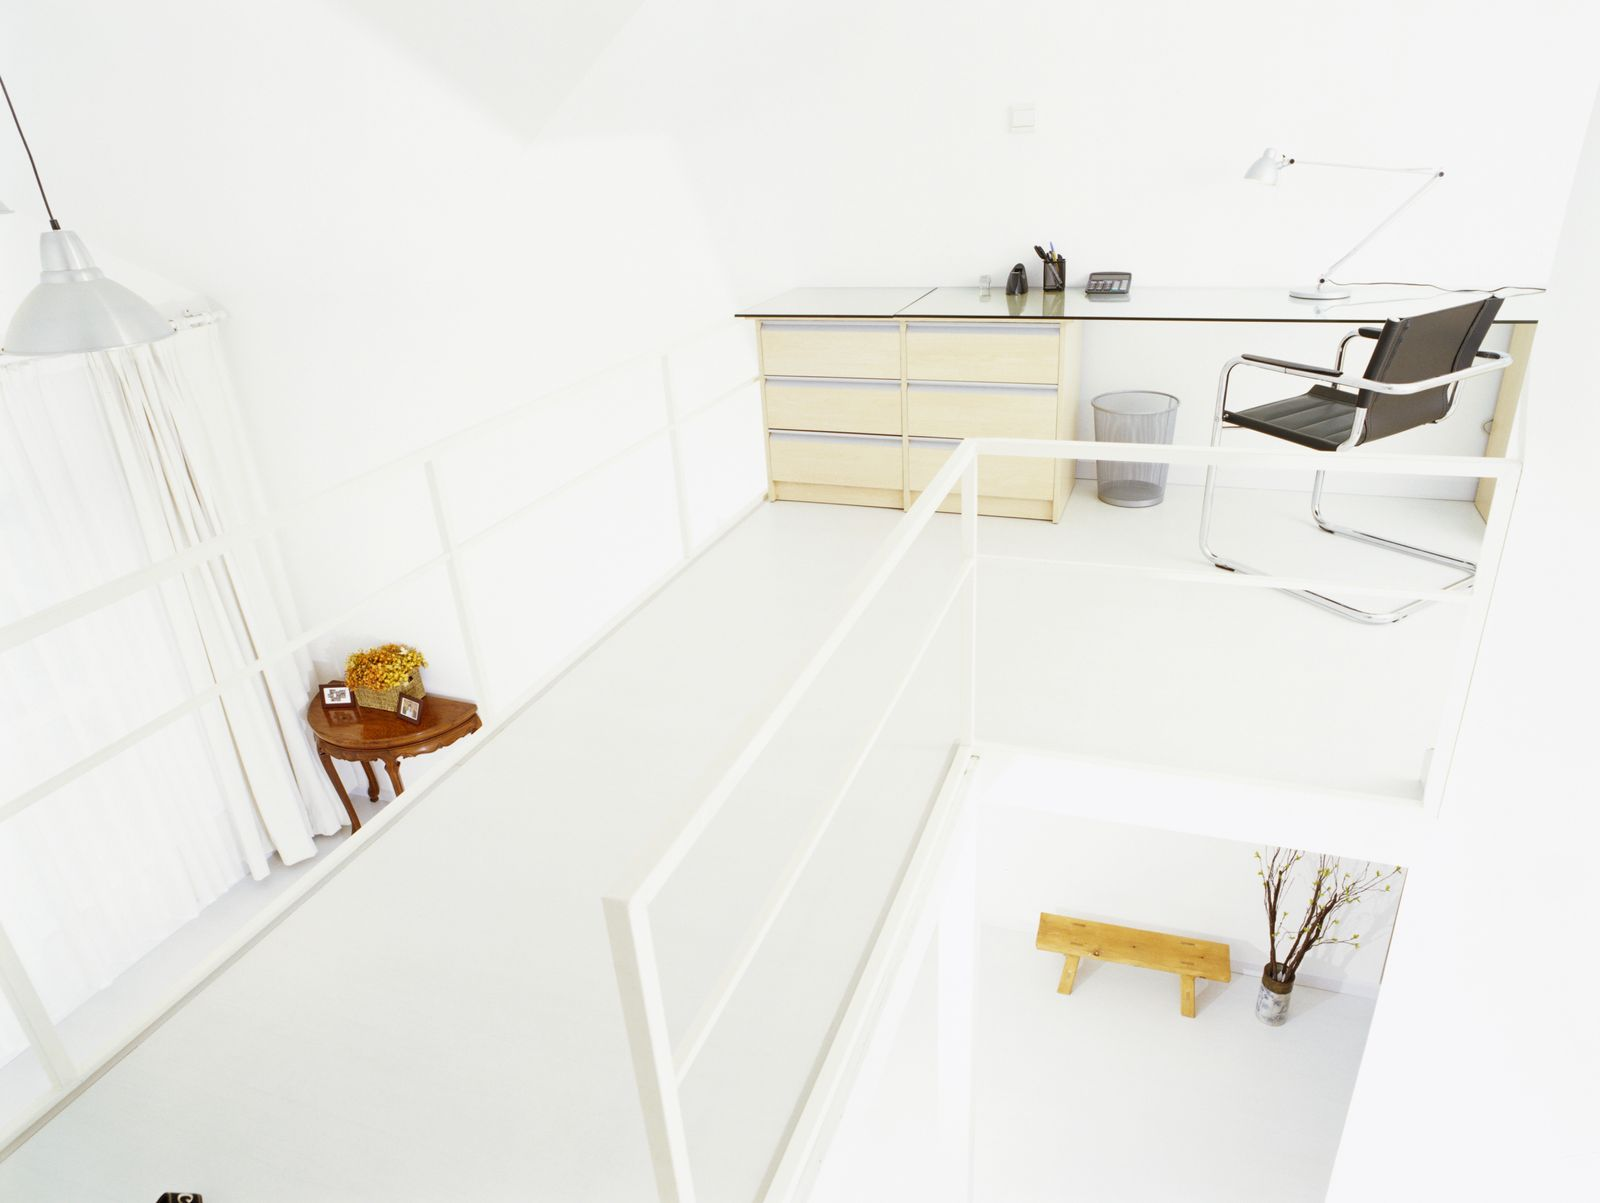 NICHT MEHR VERWENDEN! - Minimalismus/ Wohnung/ Einrichtung